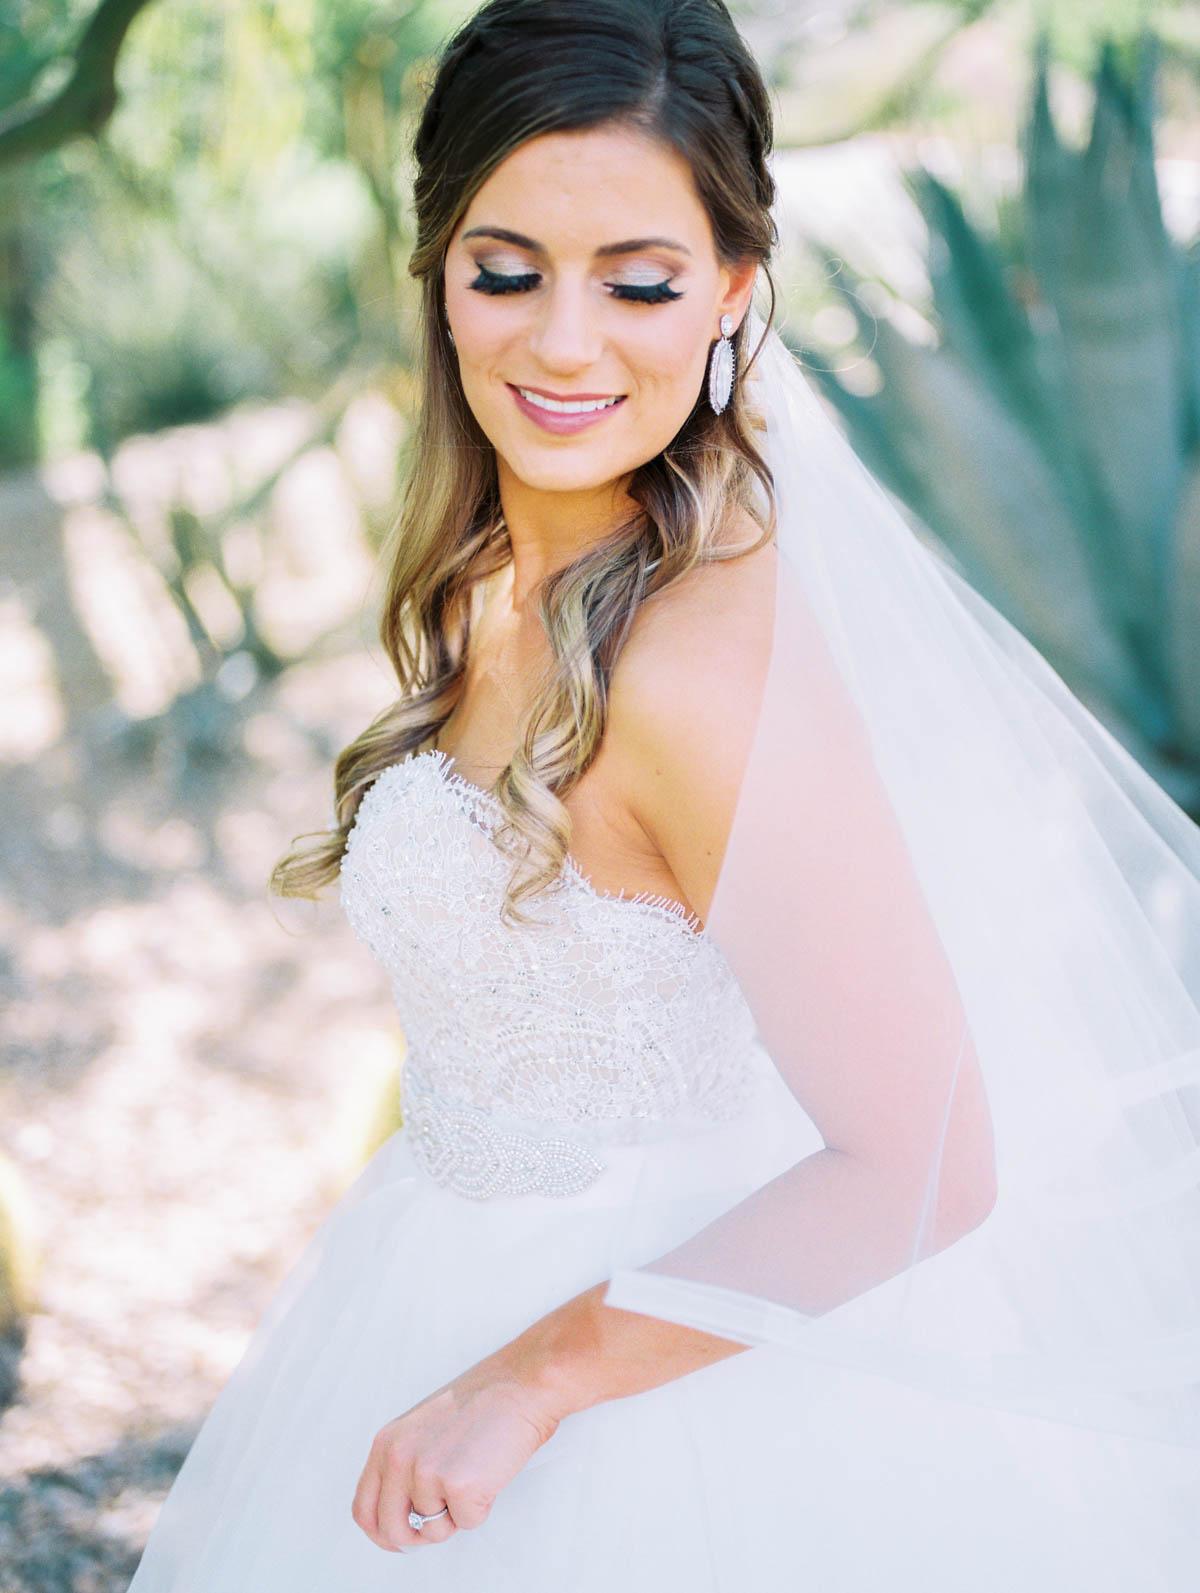 Tucson bride captured by Tucson Wedding Photographers Betsy & John